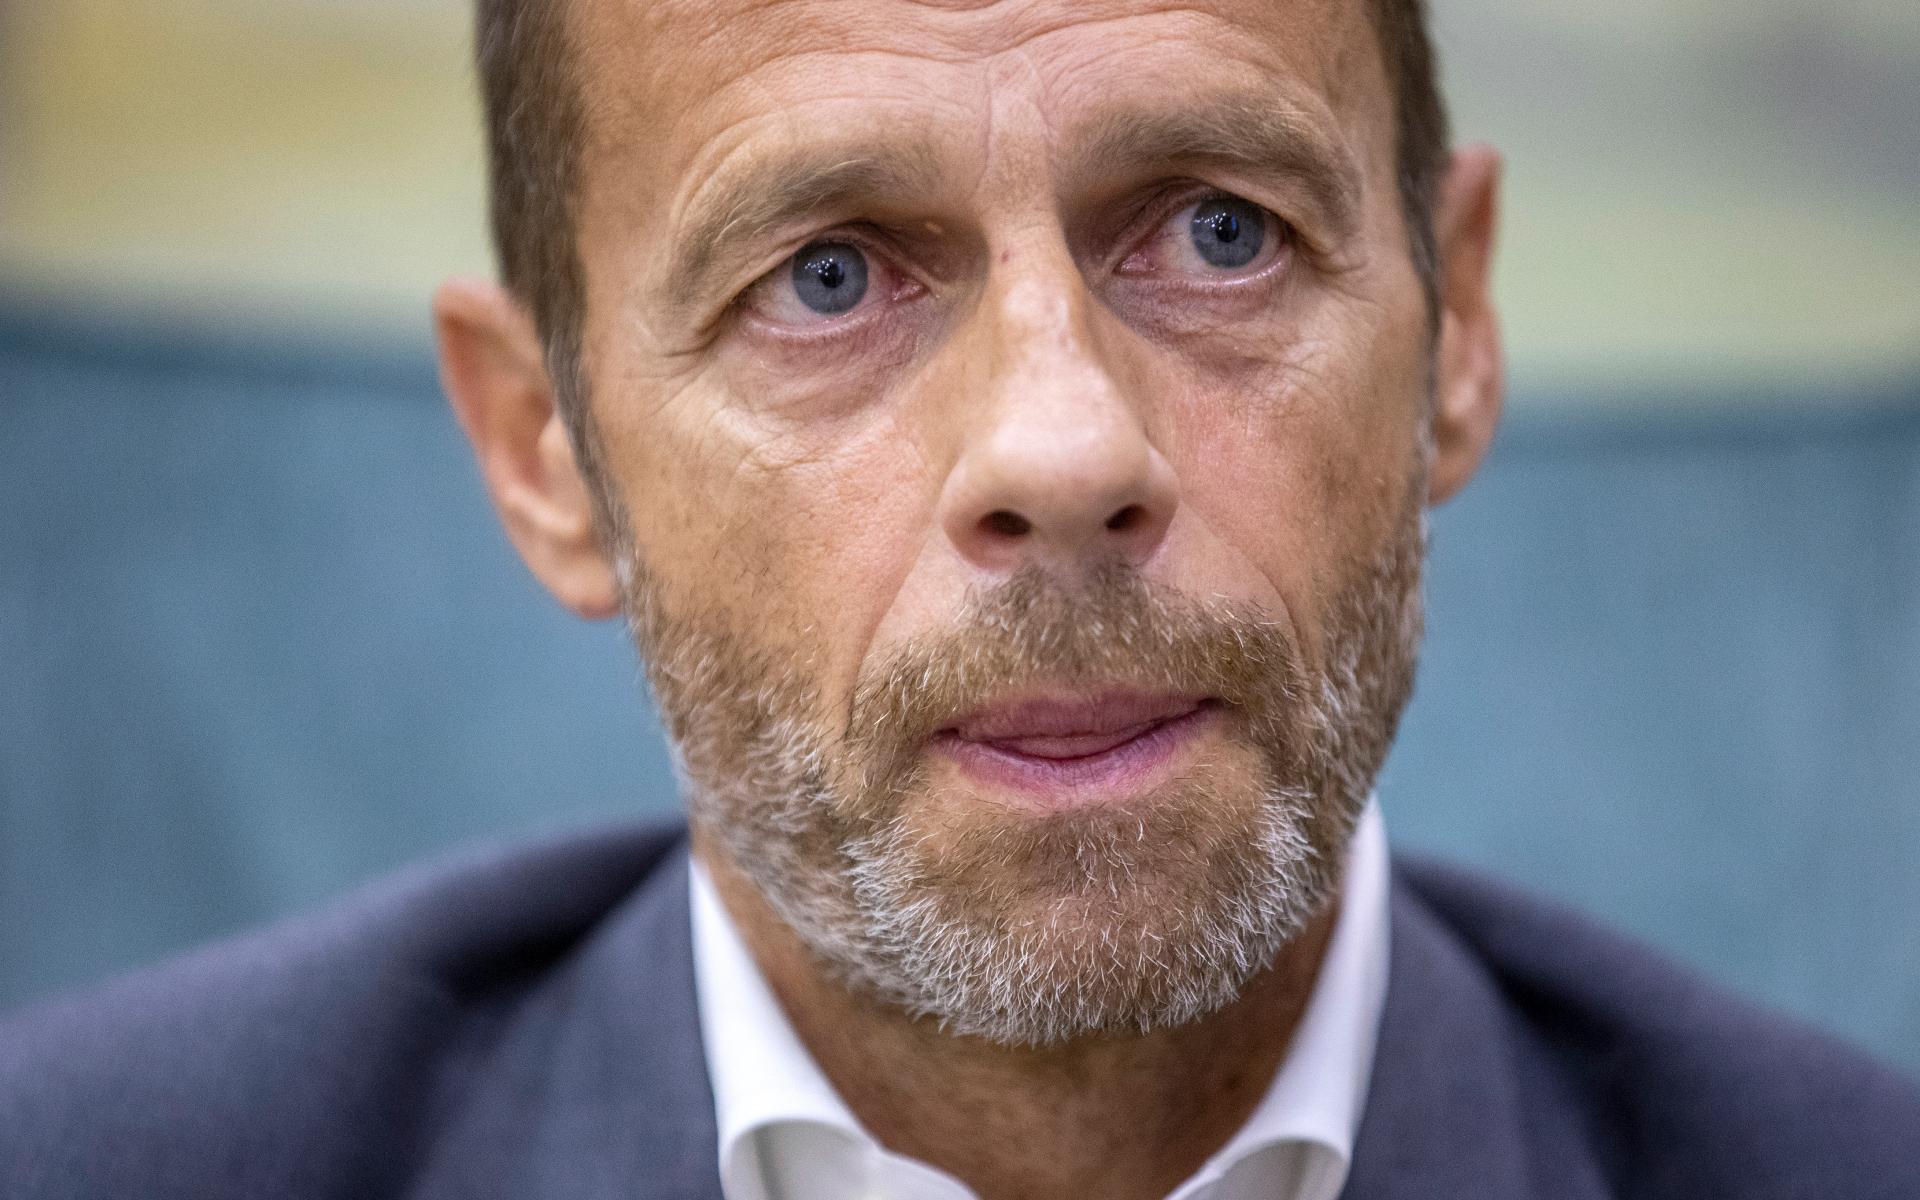 Глава УЕФА сообщил о санкциях в отношении клубов Суперлиги :: Футбол :: РБК Спорт